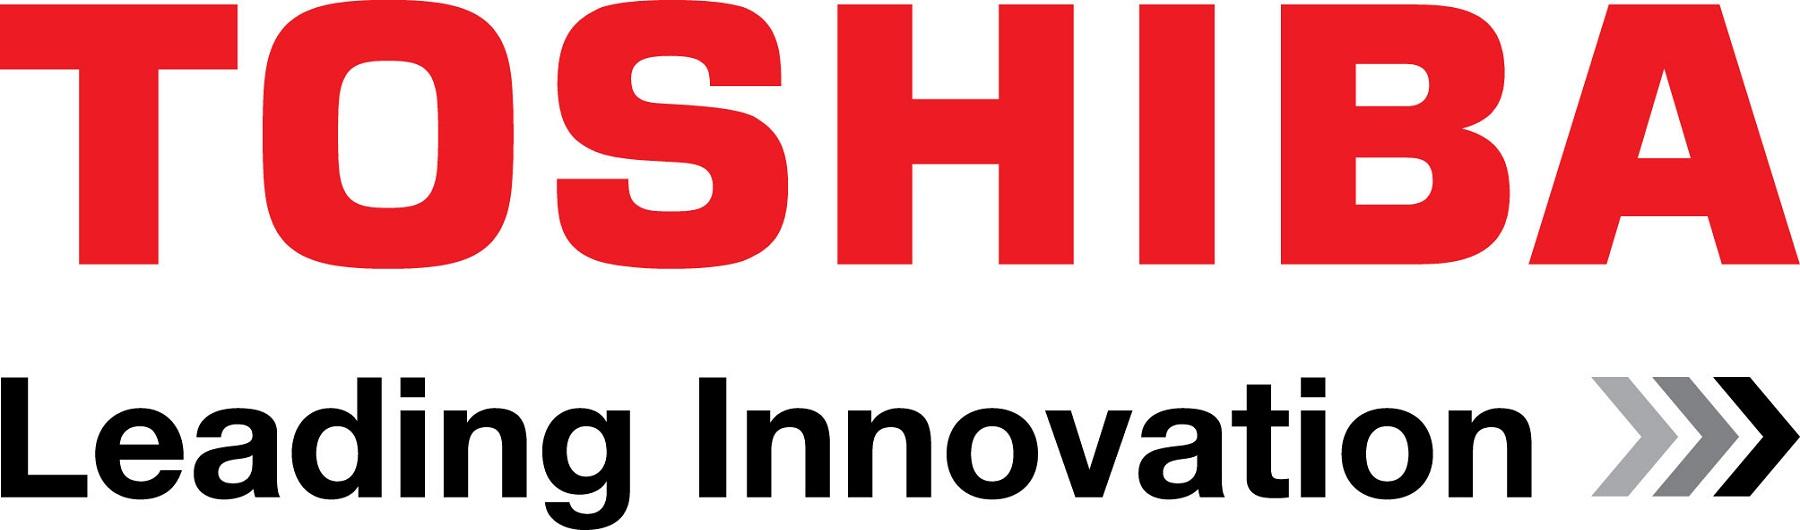 Toshiba kämpft ums Überleben: Betteln um Geldspritze